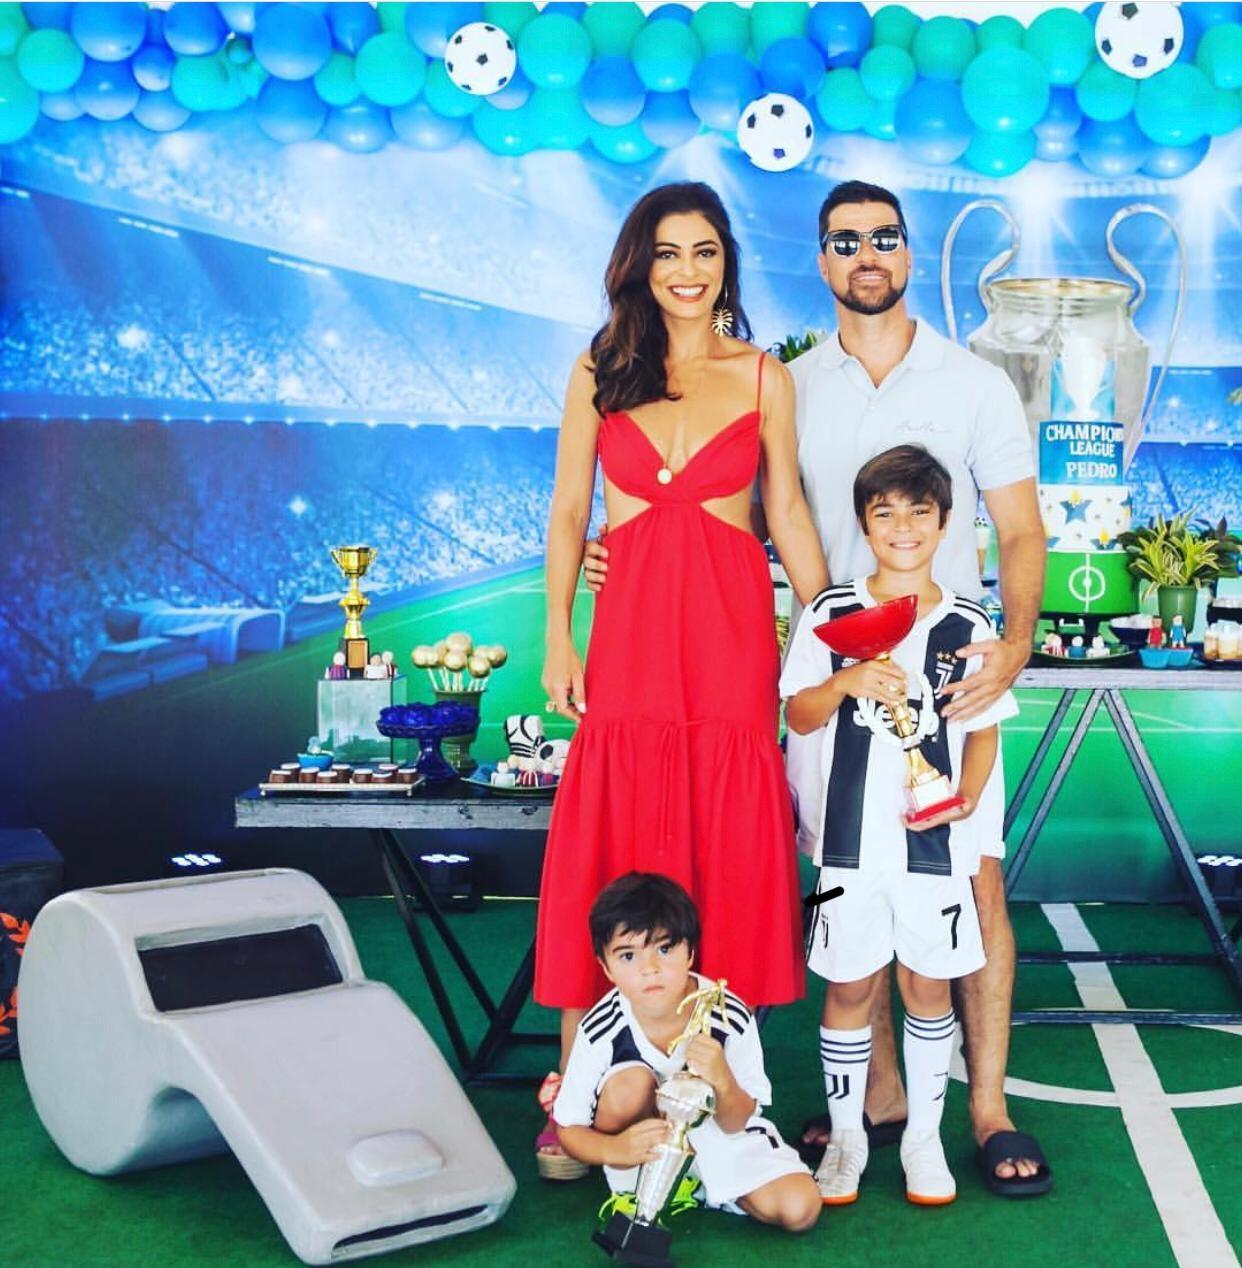 Juliana Paes no aniversário do filho (Foto: Reprodução Instagram)